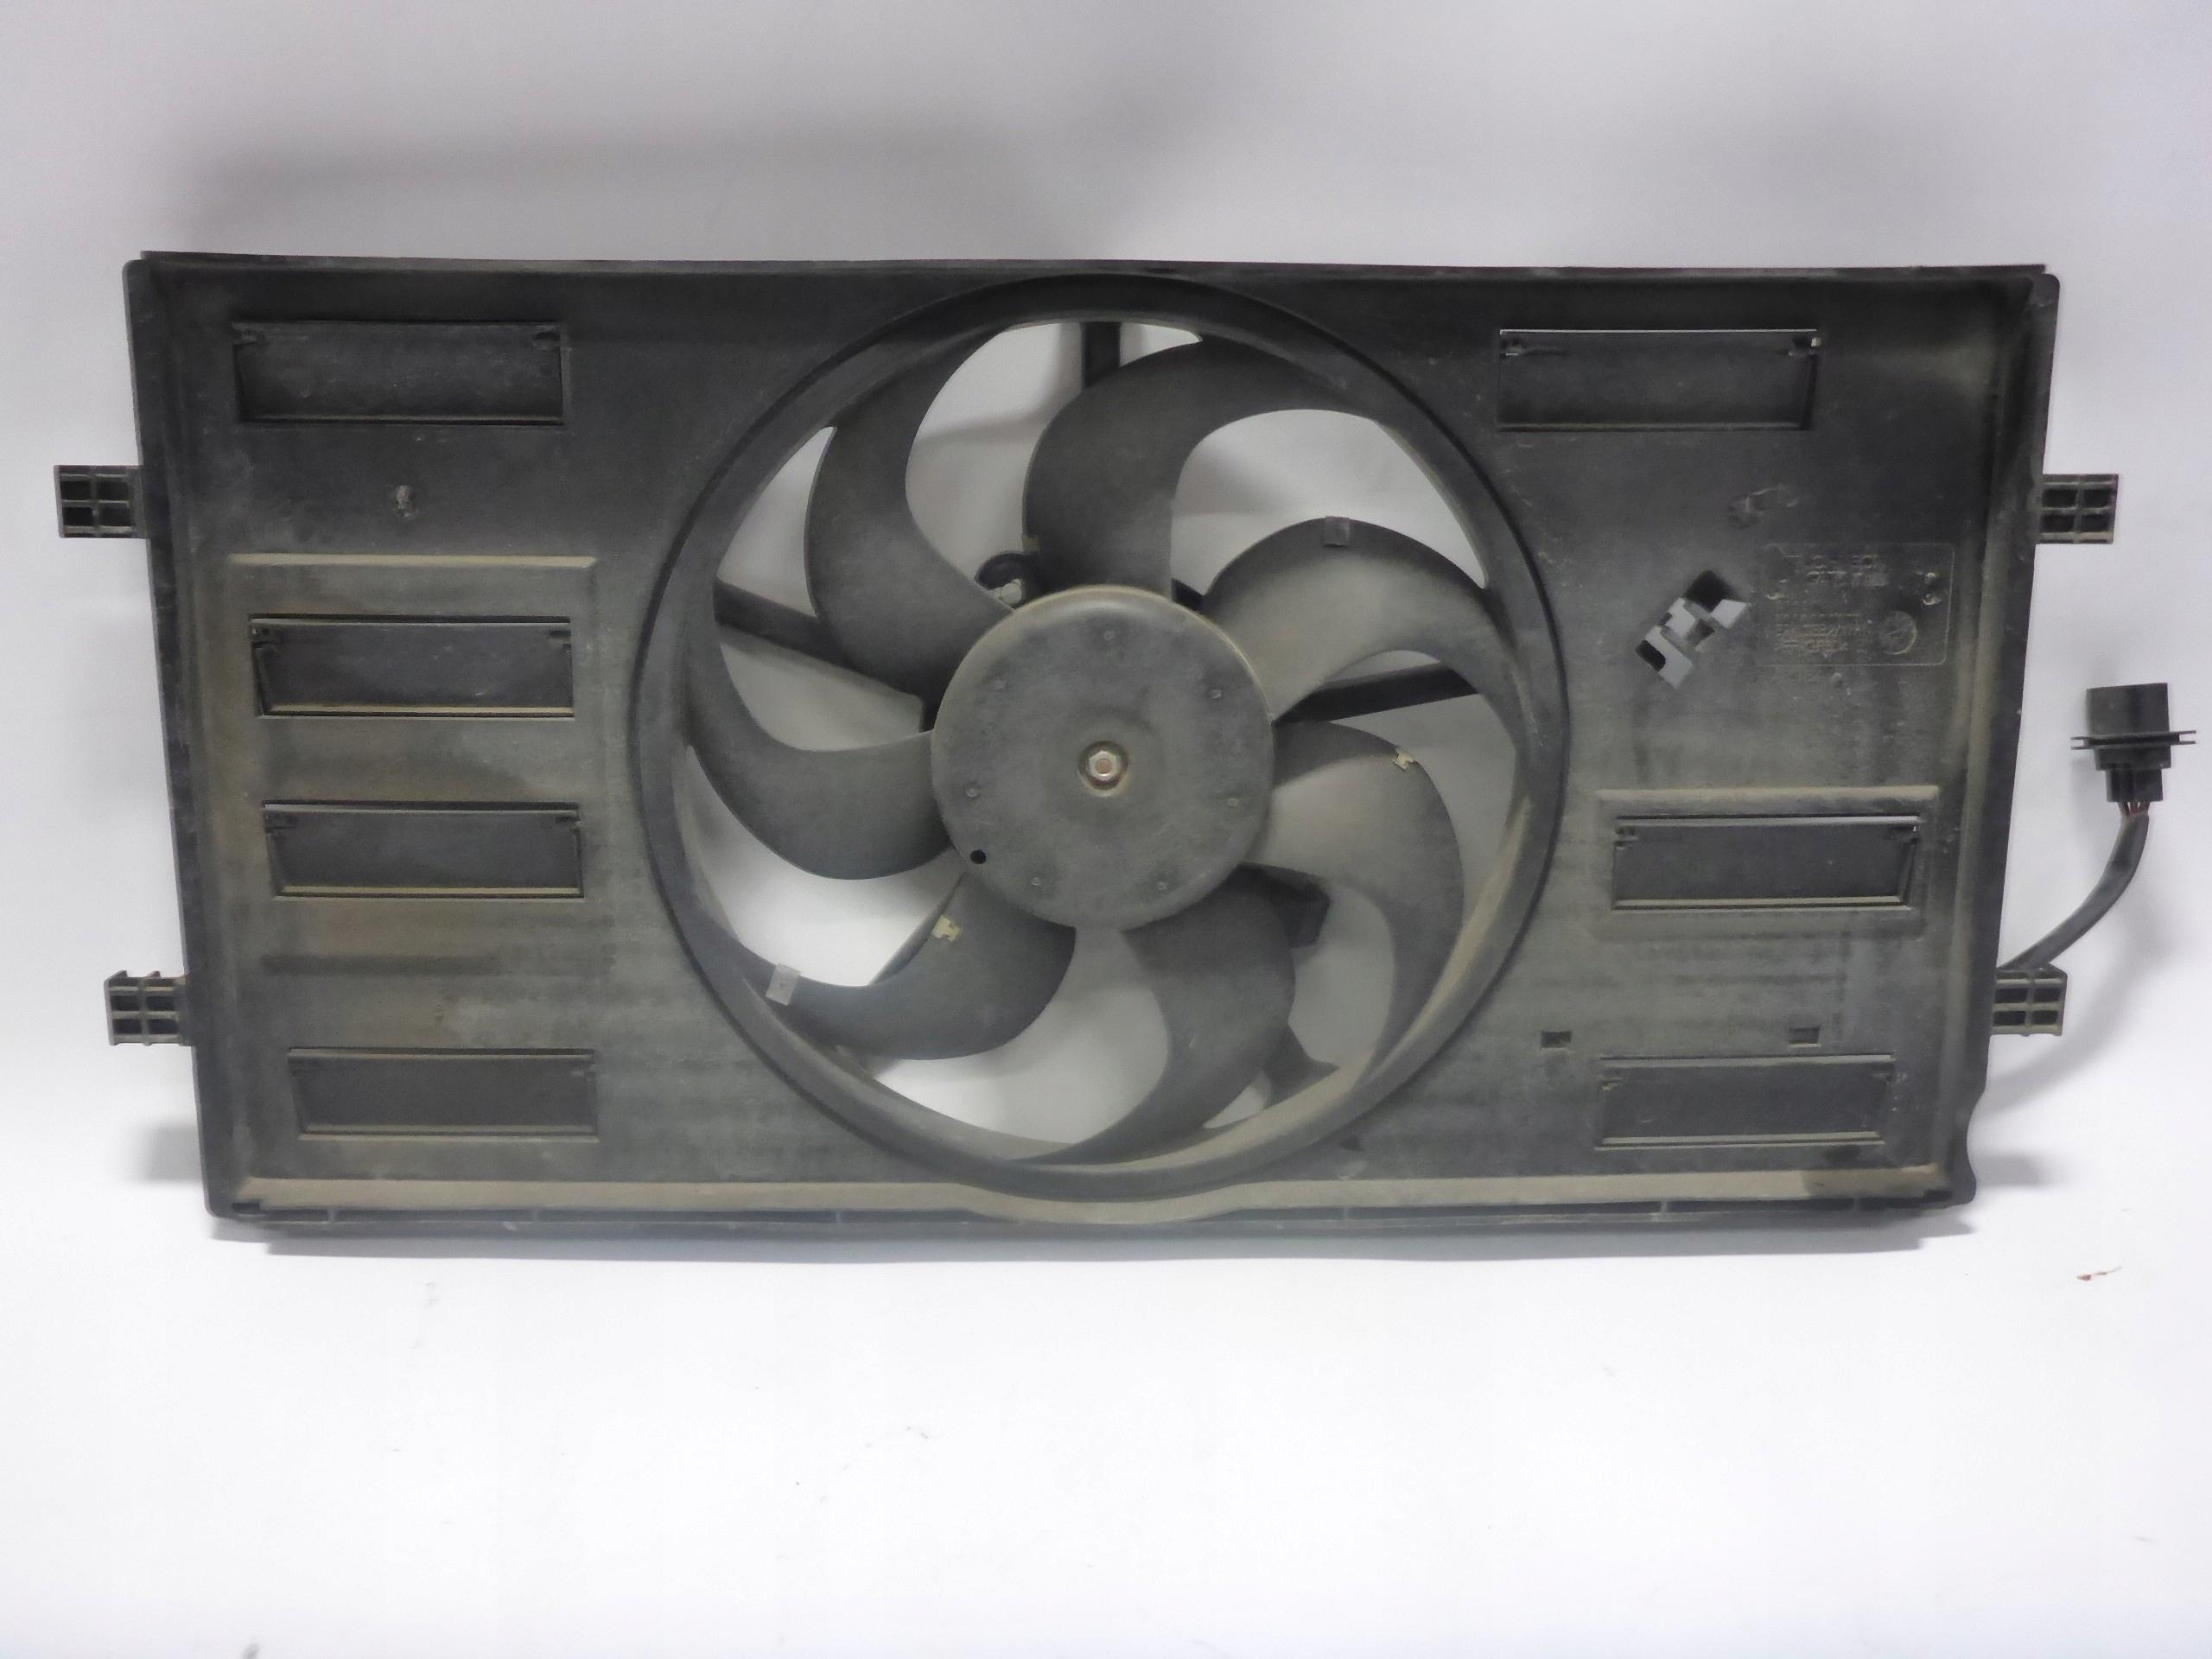 корпус вентилятор радиатора ibiza v 6f 17-